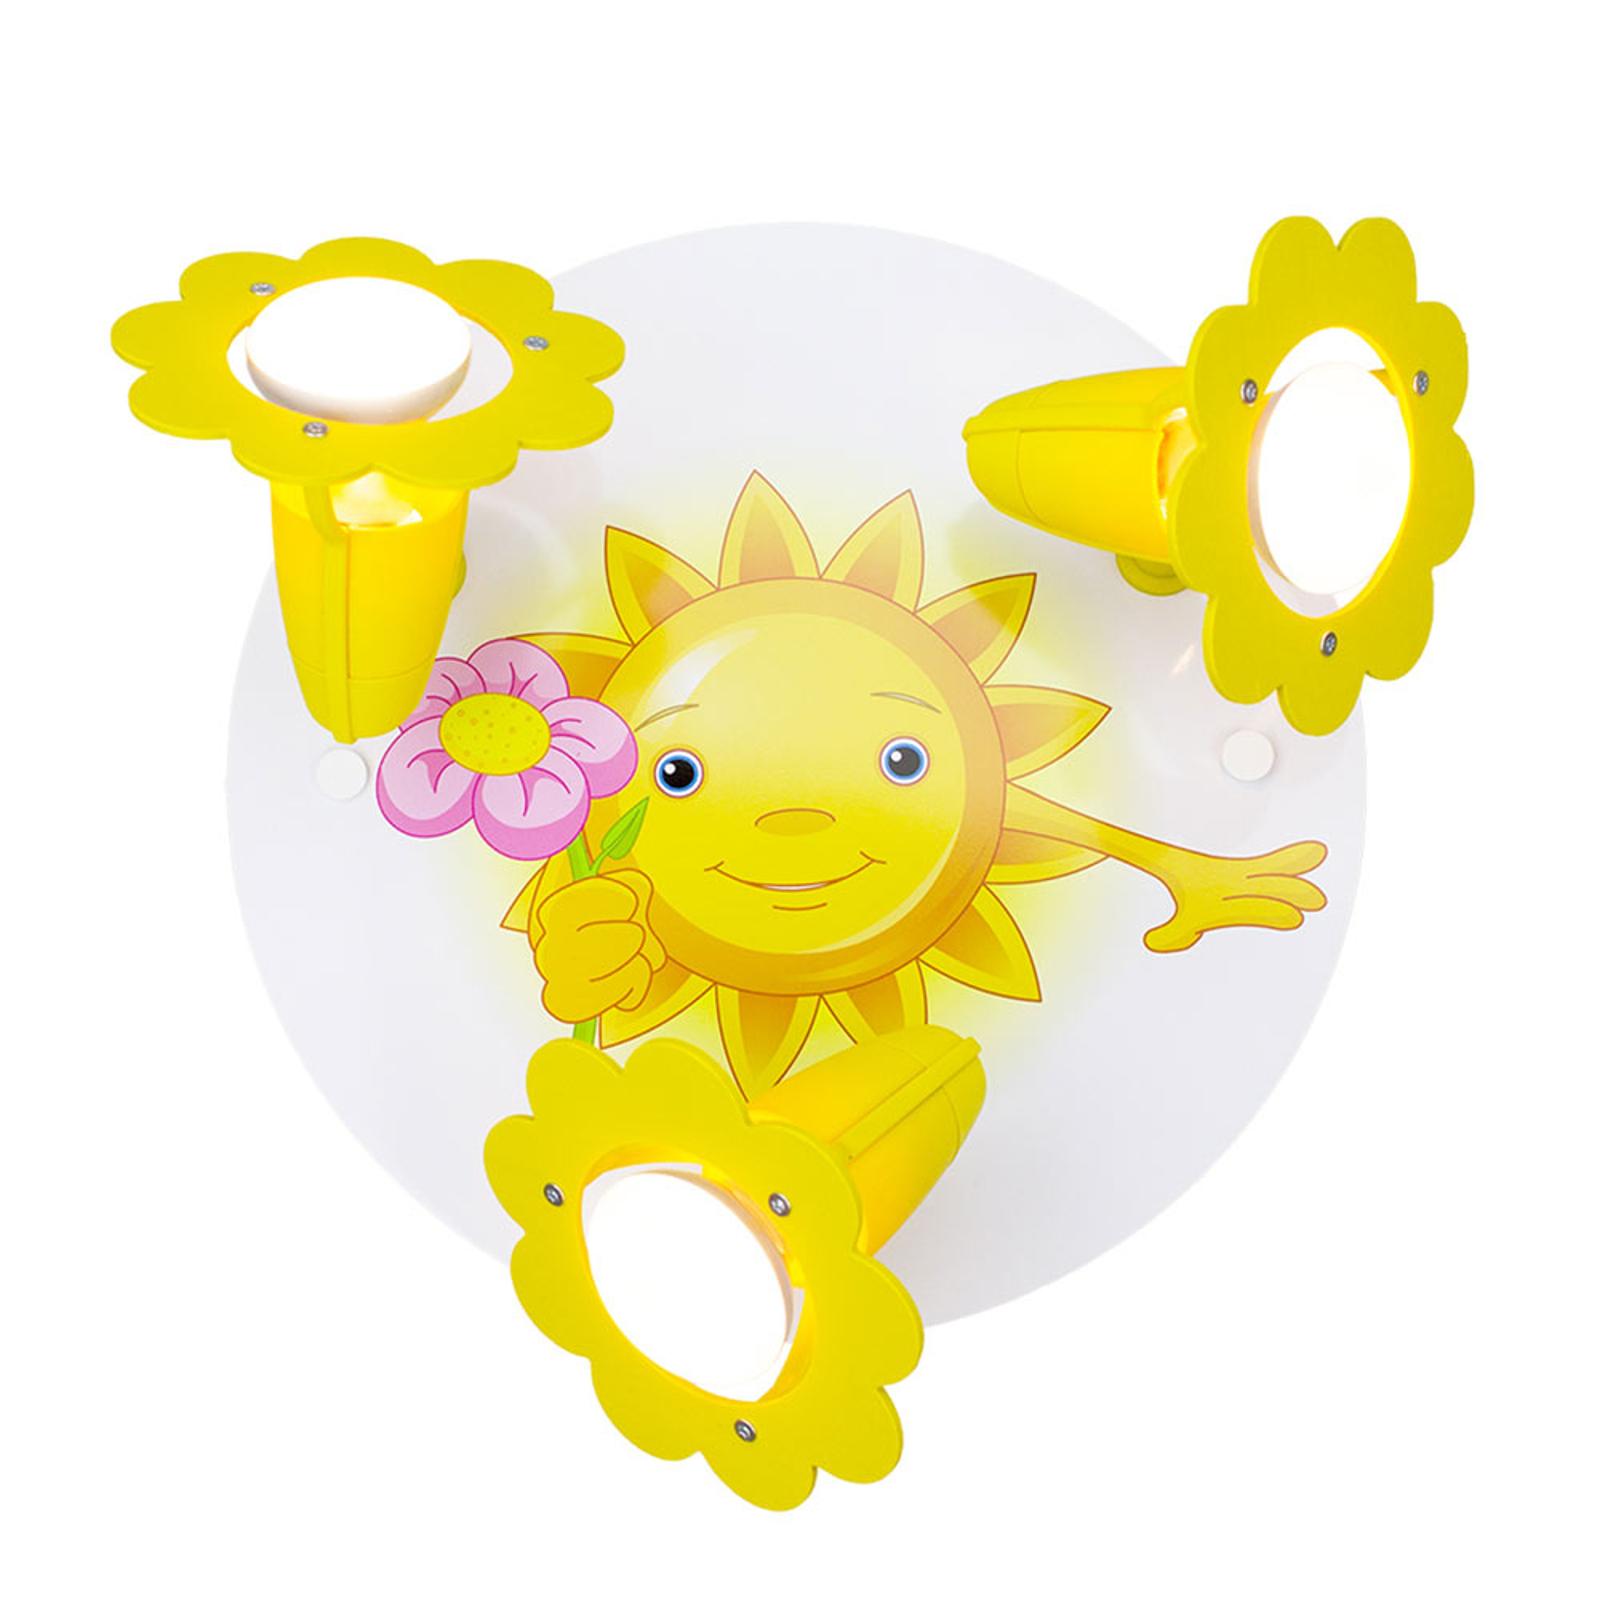 Lampa sufitowa Słońce z kwiatem 3-pkt. żółto-biała